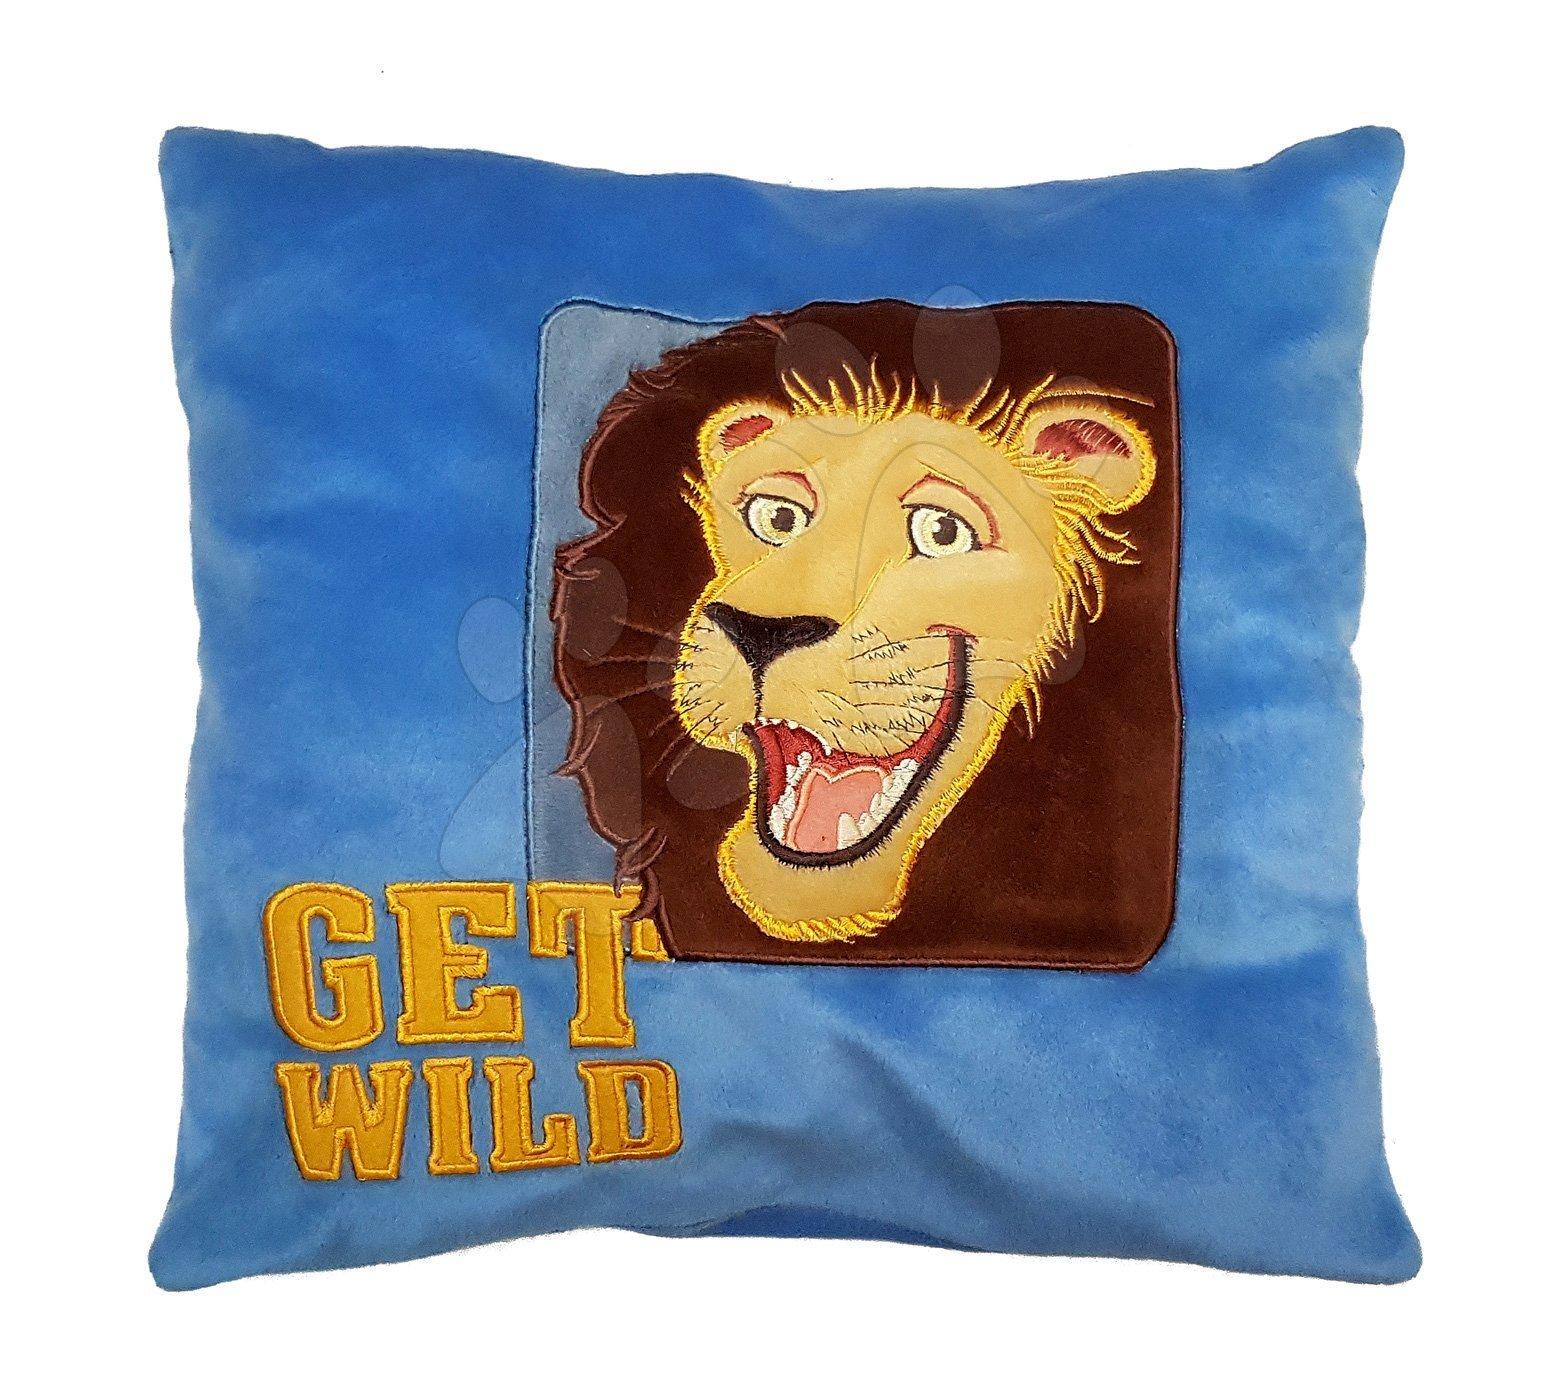 Plyšový polštář Get wild Ilanit modrý 36*36 cm